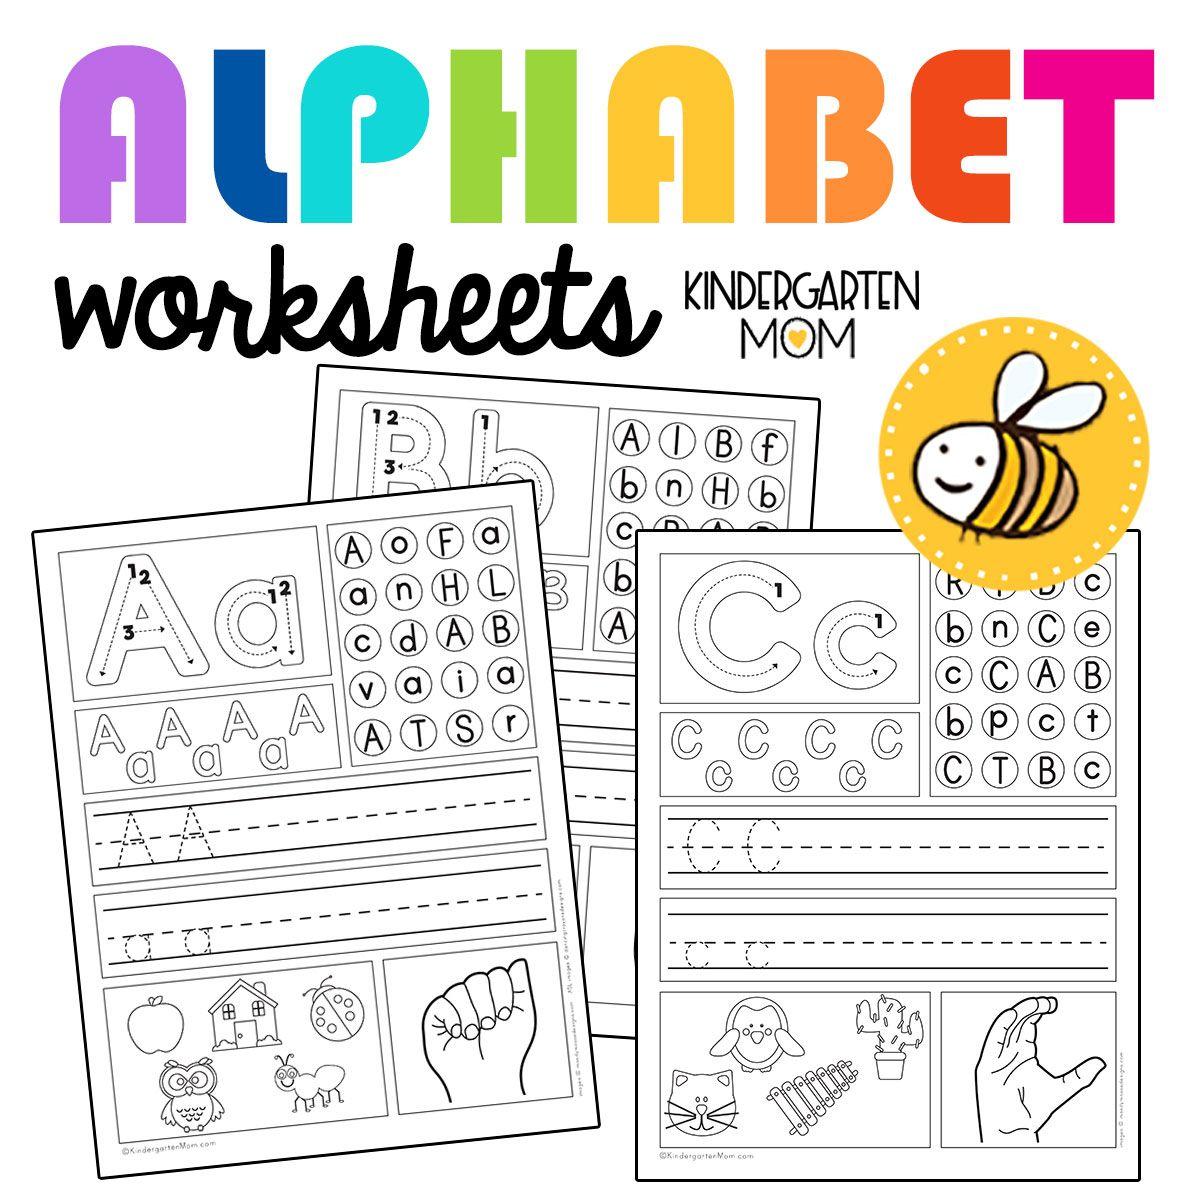 Kindergarten Alphabet Worksheets Free Printable Kindergarten Alphabe Alphabet Kindergarten Alphabet Worksheets Kindergarten Free Printable Alphabet Worksheets [ 1200 x 1200 Pixel ]